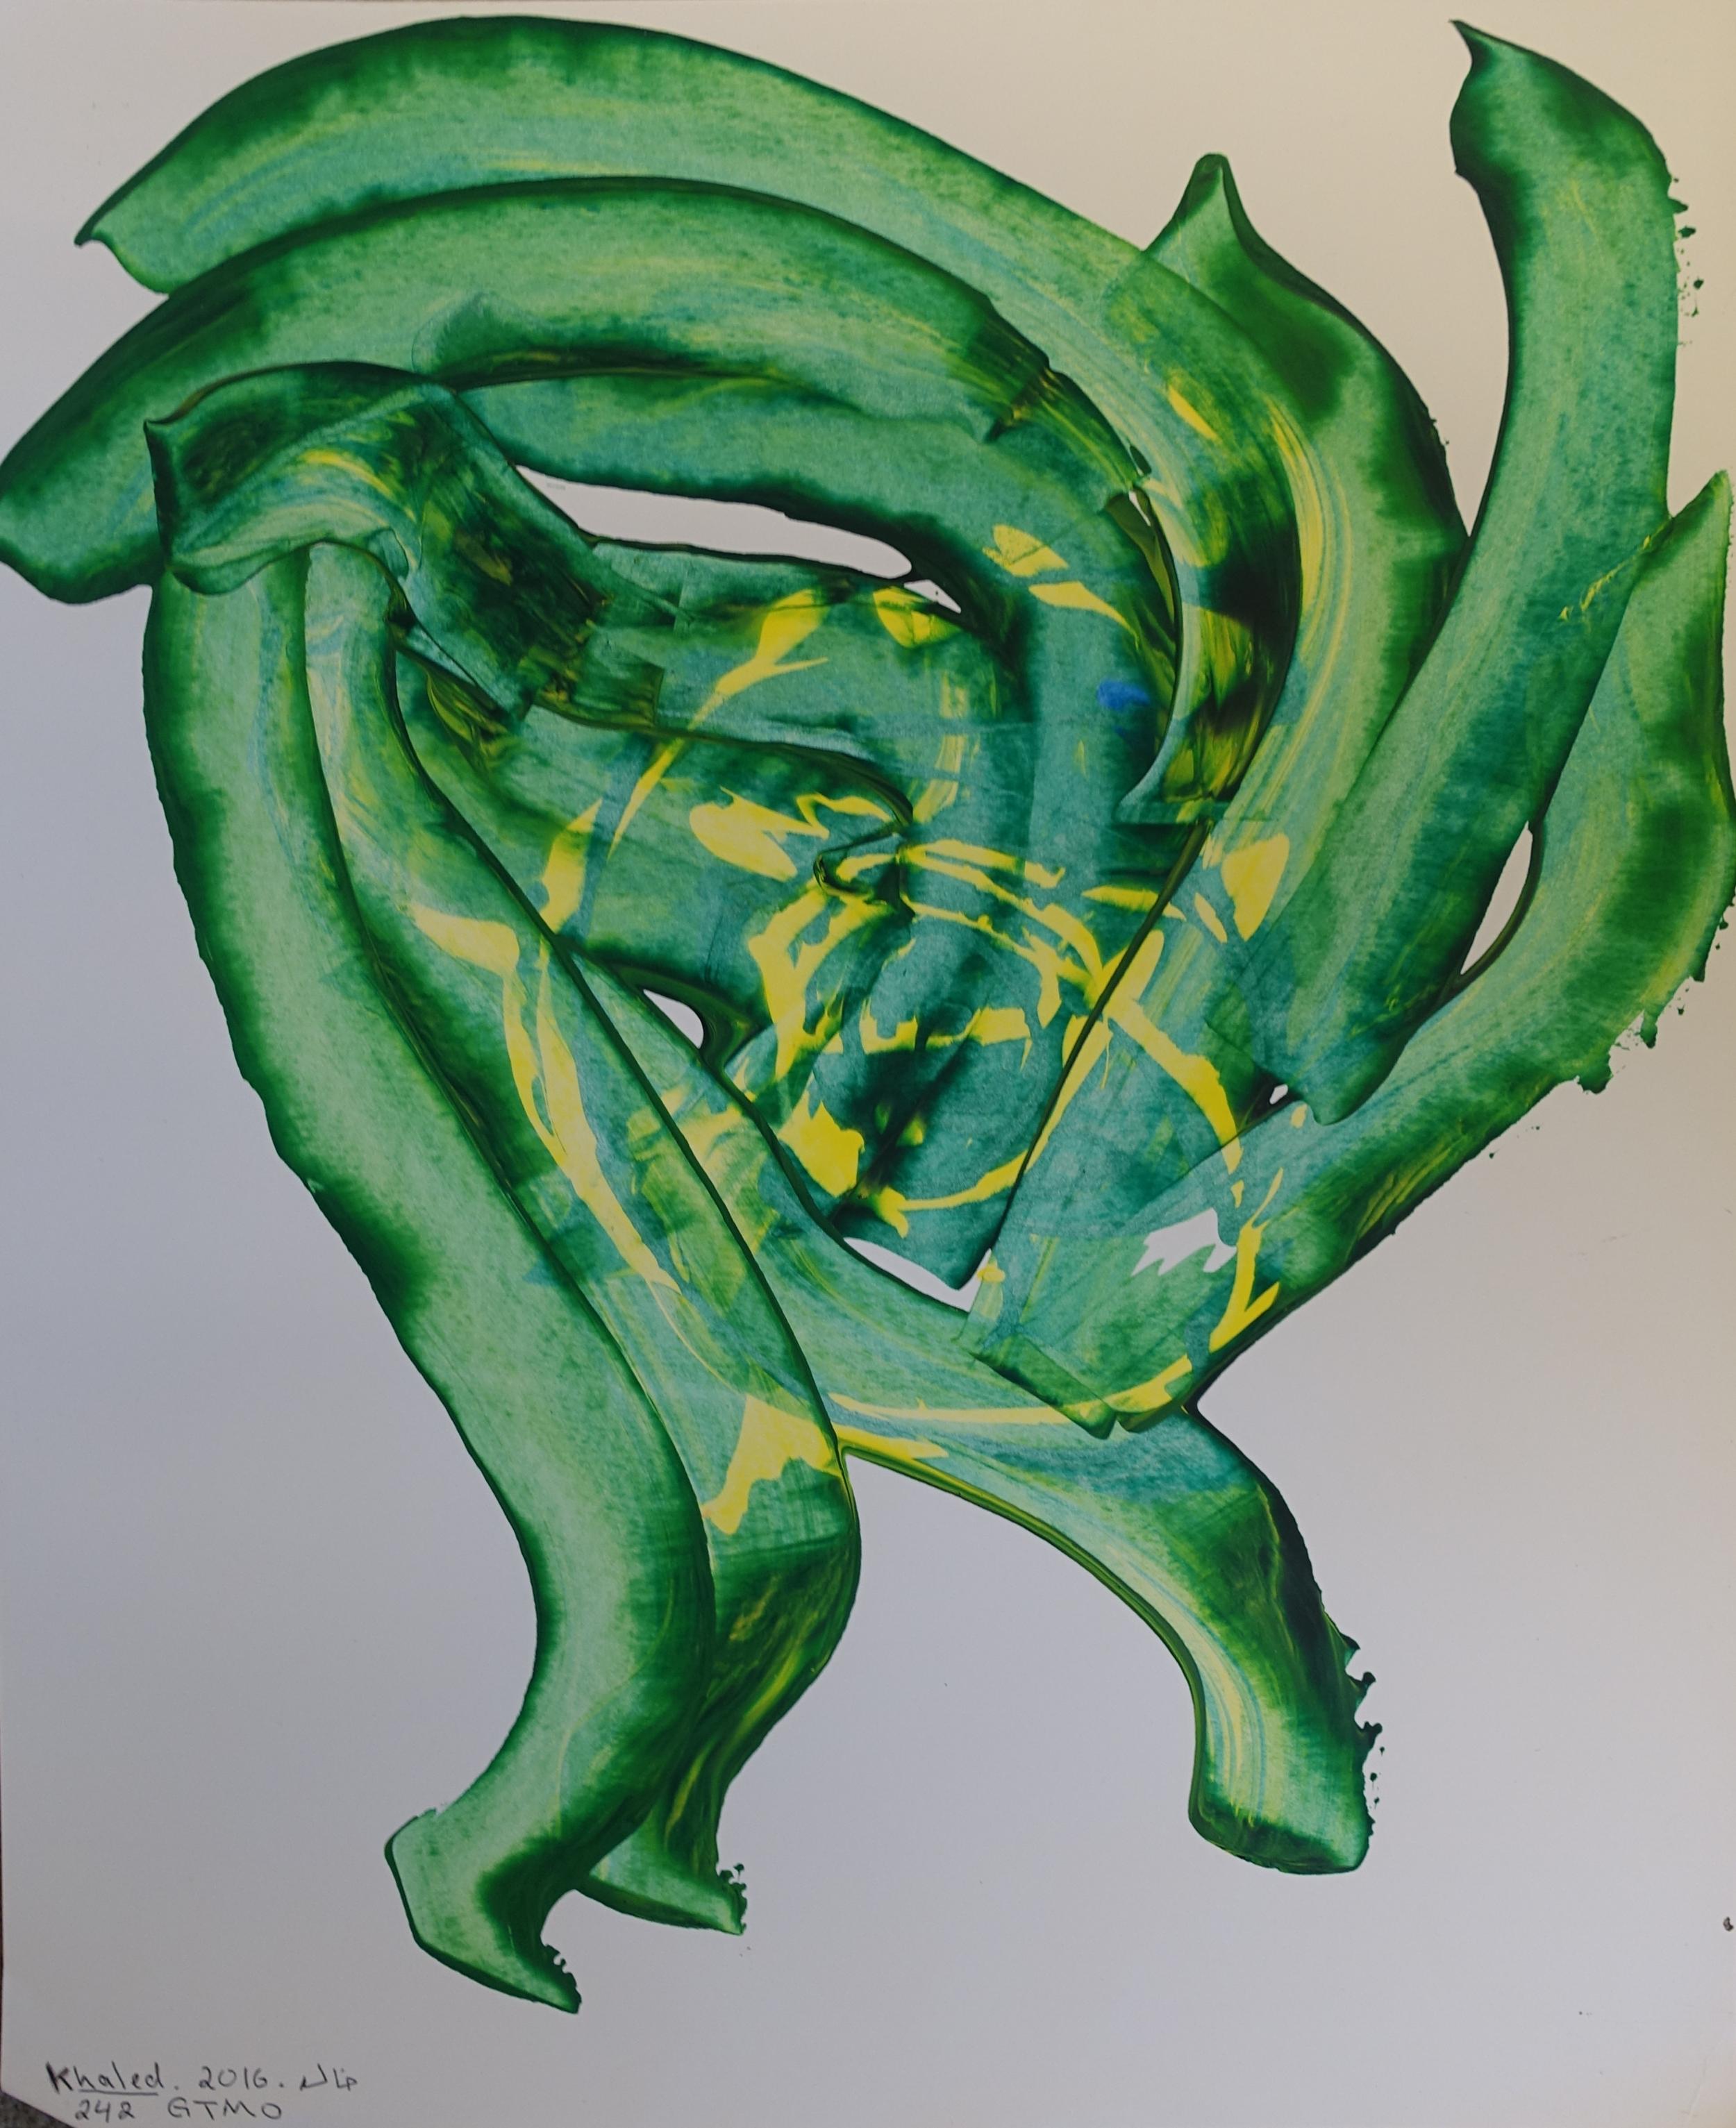 Khalid Qasim, Green Brush Strokes, 2016.